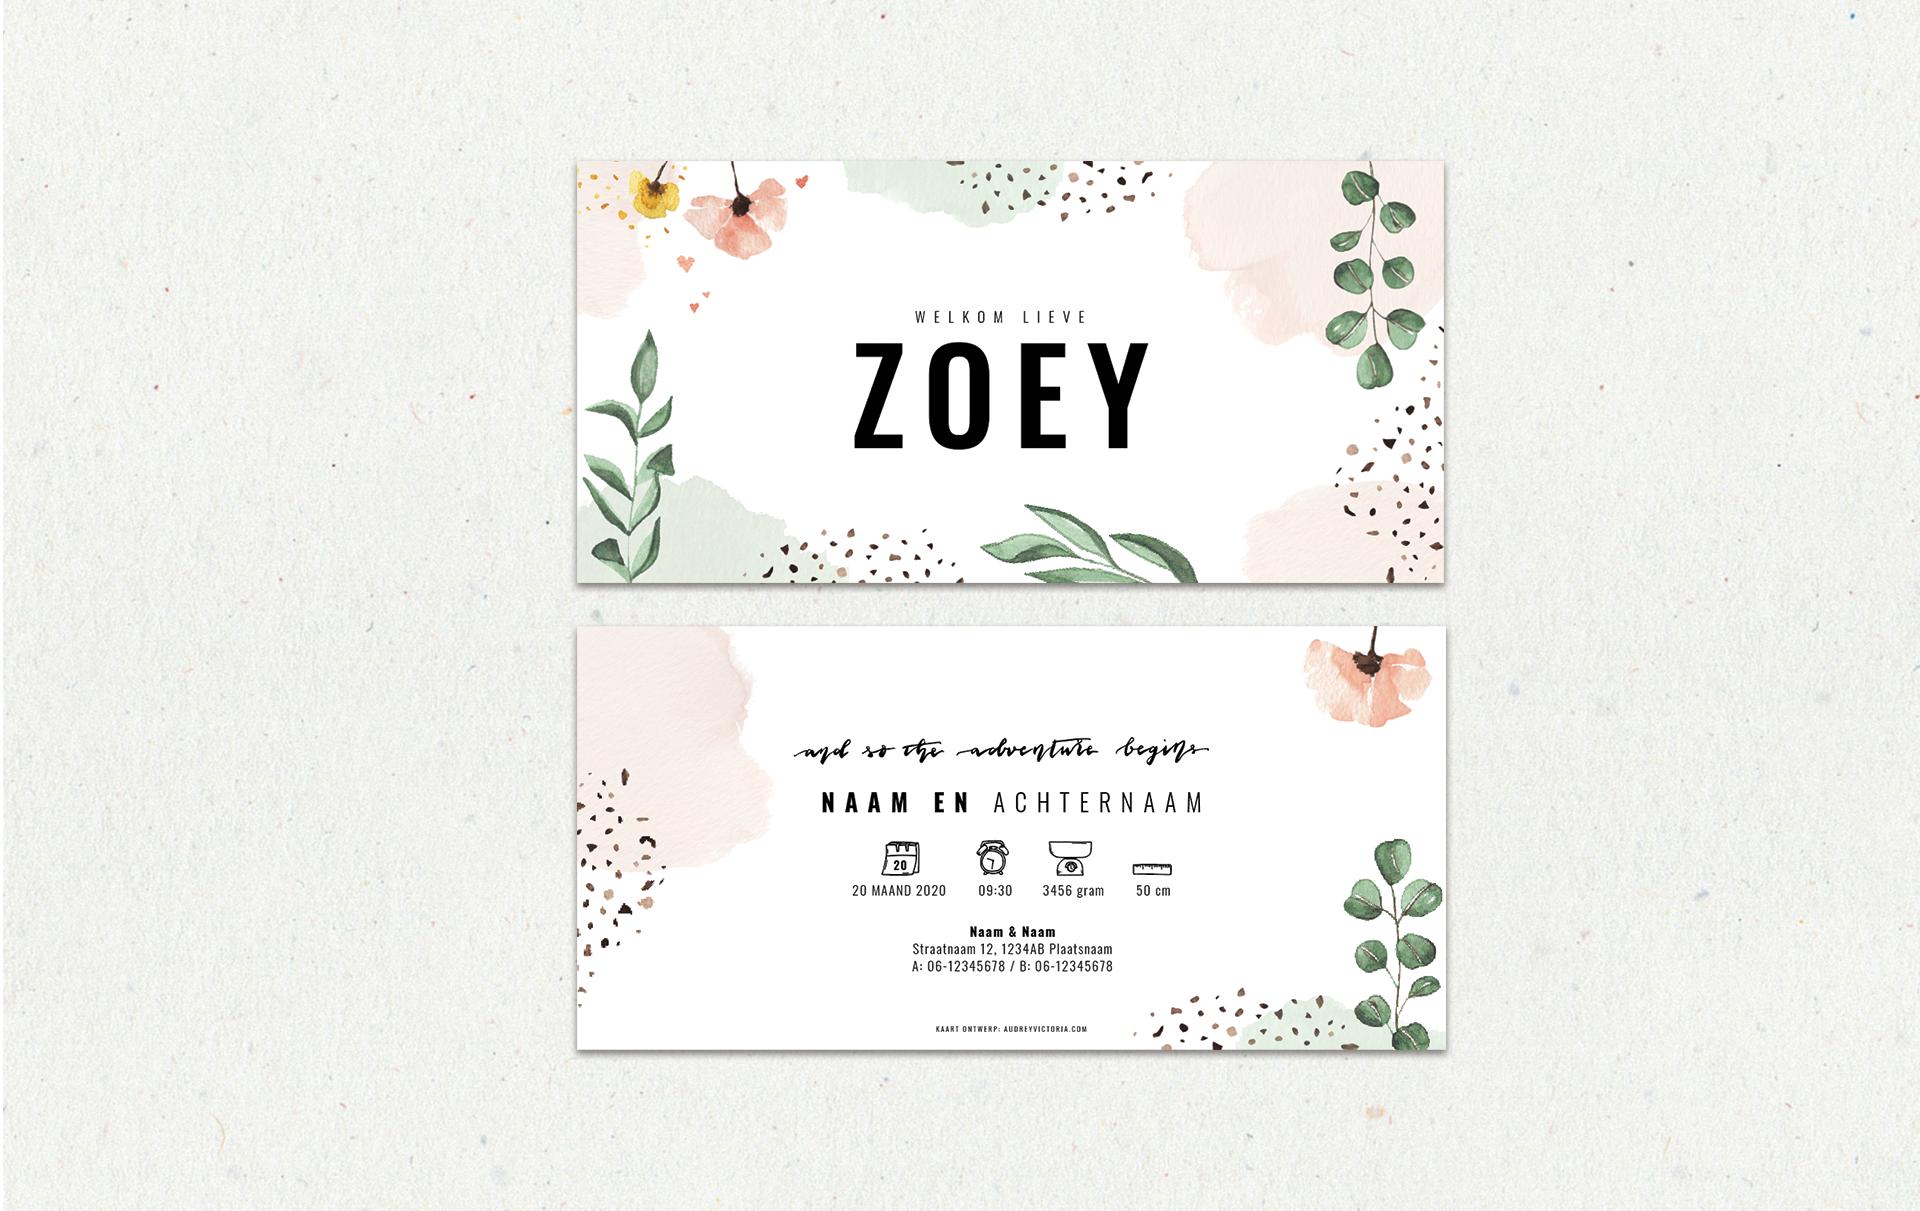 zoey-website